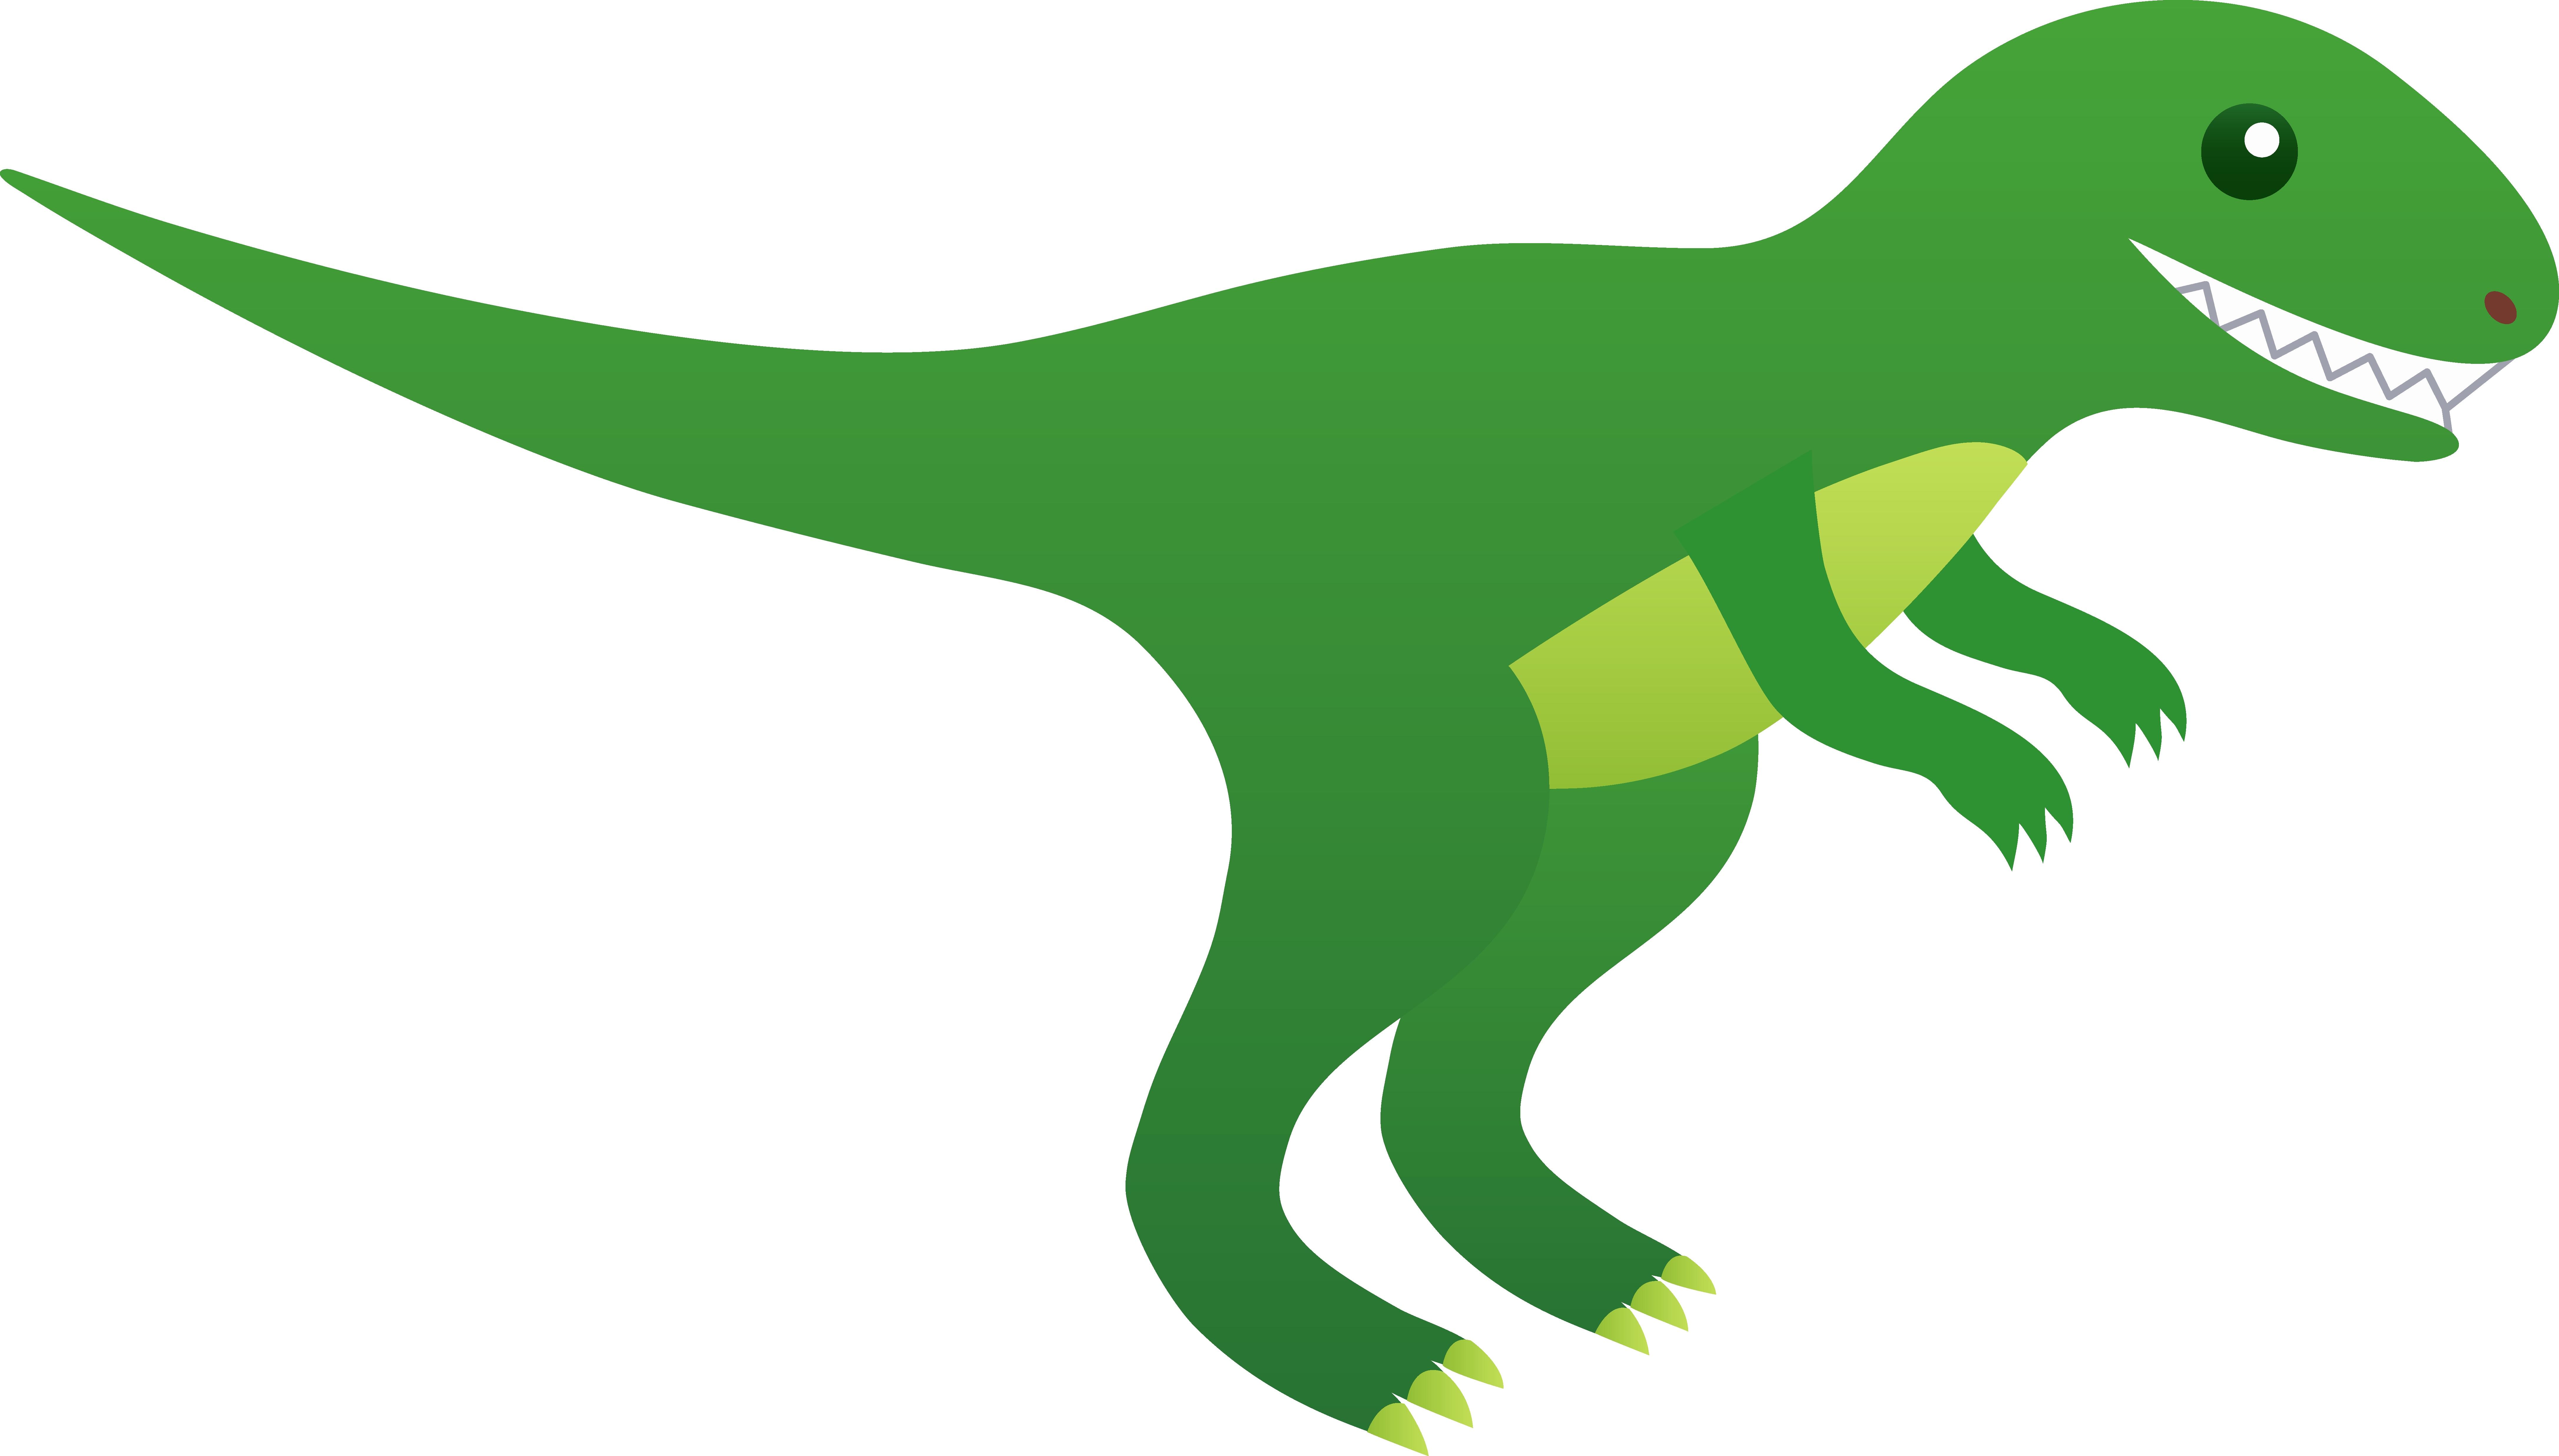 8692x4946 Cute Dinosaur Drawing Tumblr